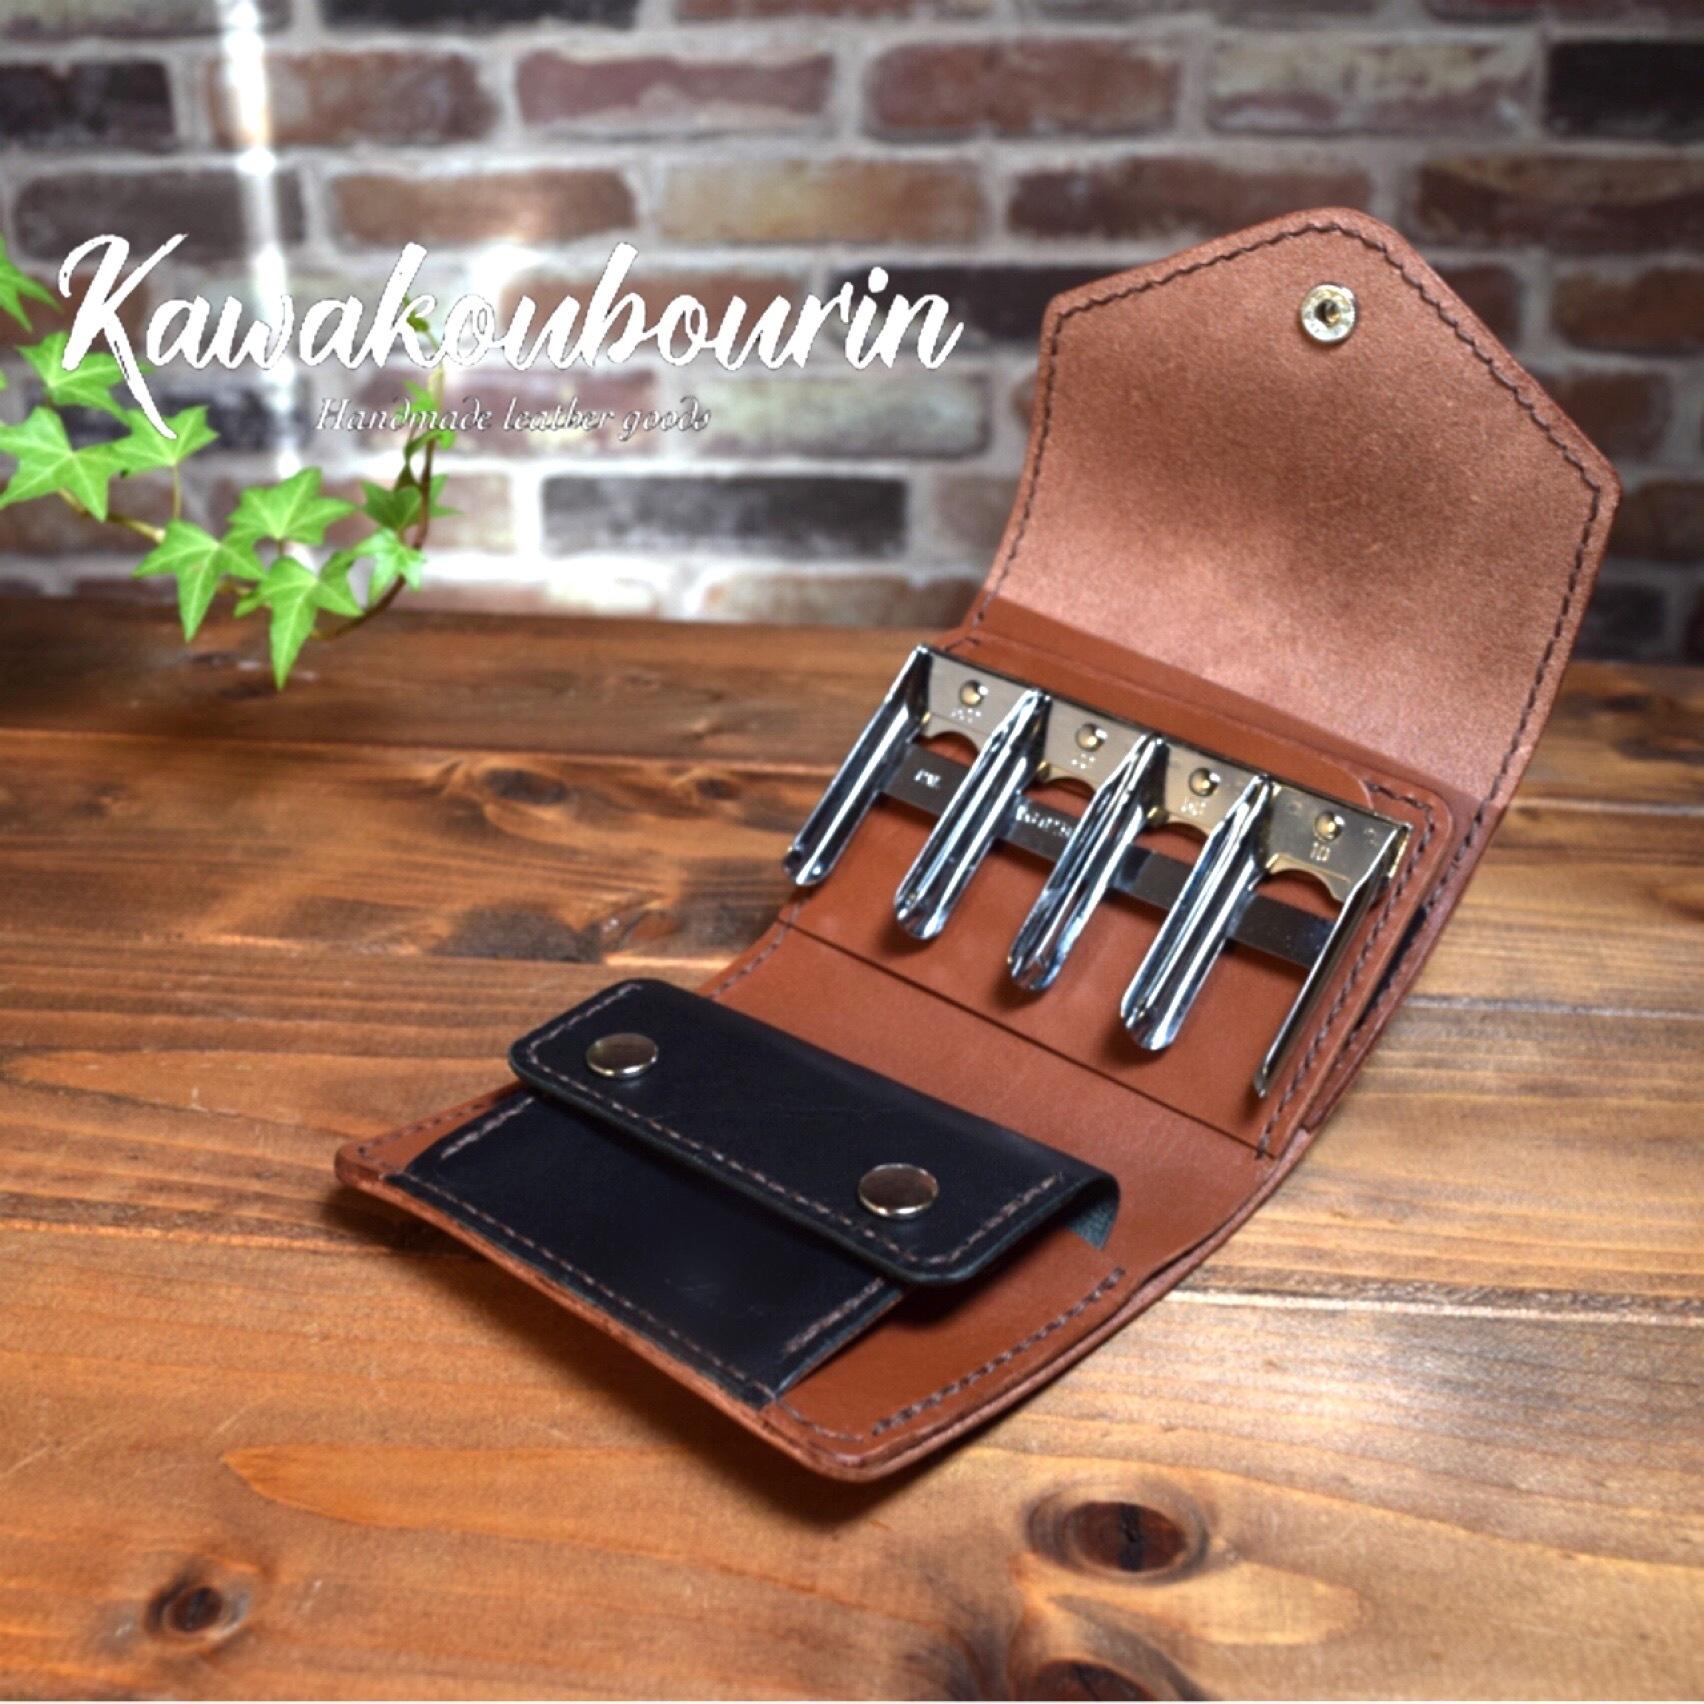 【オーダーメイド制作例】キーケース付きコインキャッチャー財布   (KA155b2)